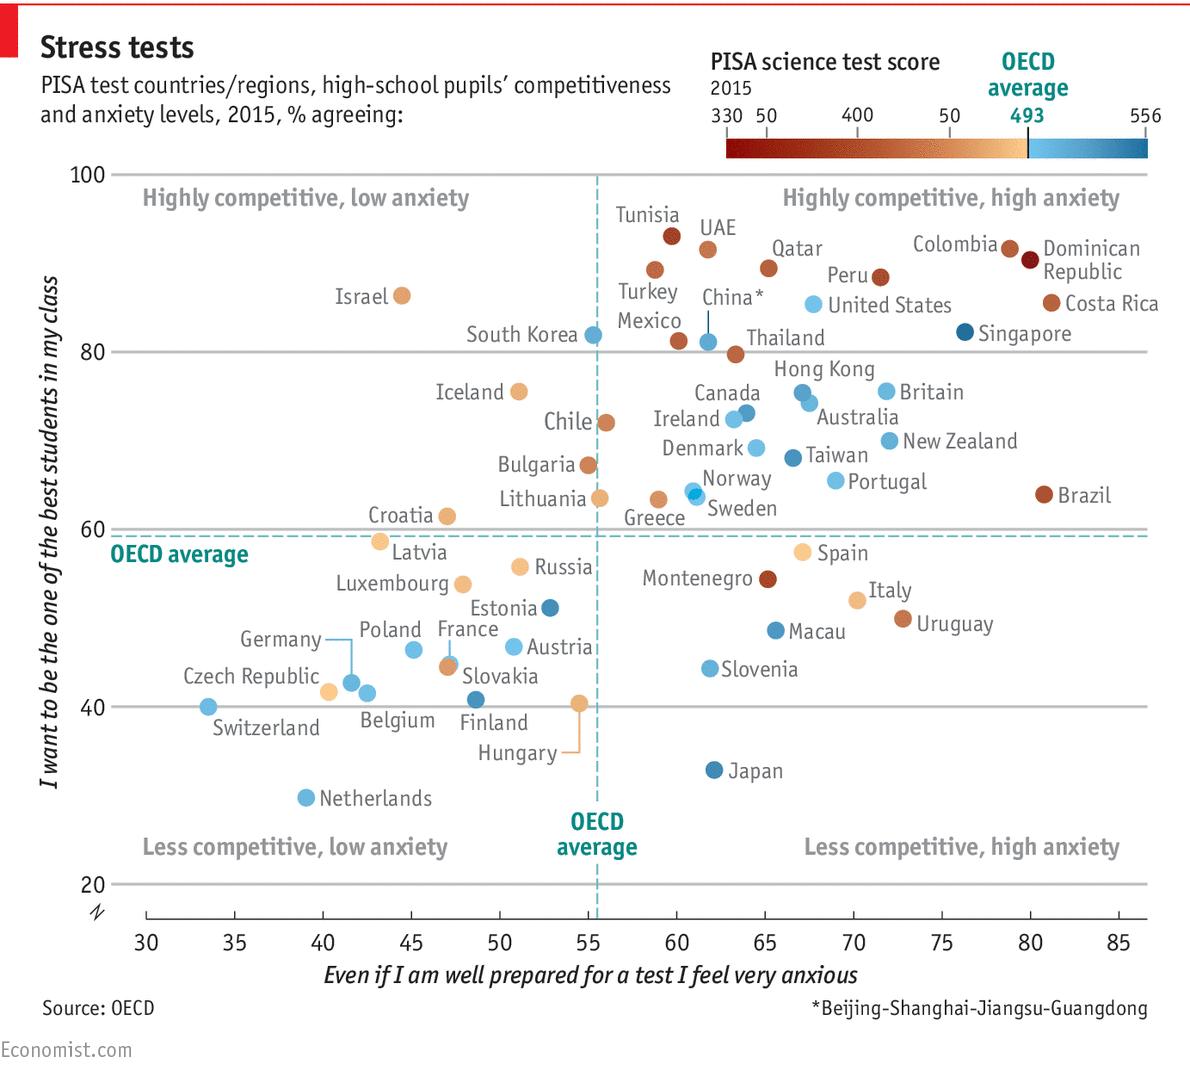 """Az Economist grafikáján a pontok színe jelöli a Pisa teszteken elért eredményket. A kékek az átlag feletti, a barnák az átlag alatti teljesítményt jelzik. A függőleges tengelyen """"Az osztály legjobb tanulói között akarok lenni"""" kijelentéssel, míg a vízszintes tengelyen a """"Szorongok akkor is, ha jól felkészültem egy dolgozatra"""" kijelentéssel egyetértő diákok aránya látható."""